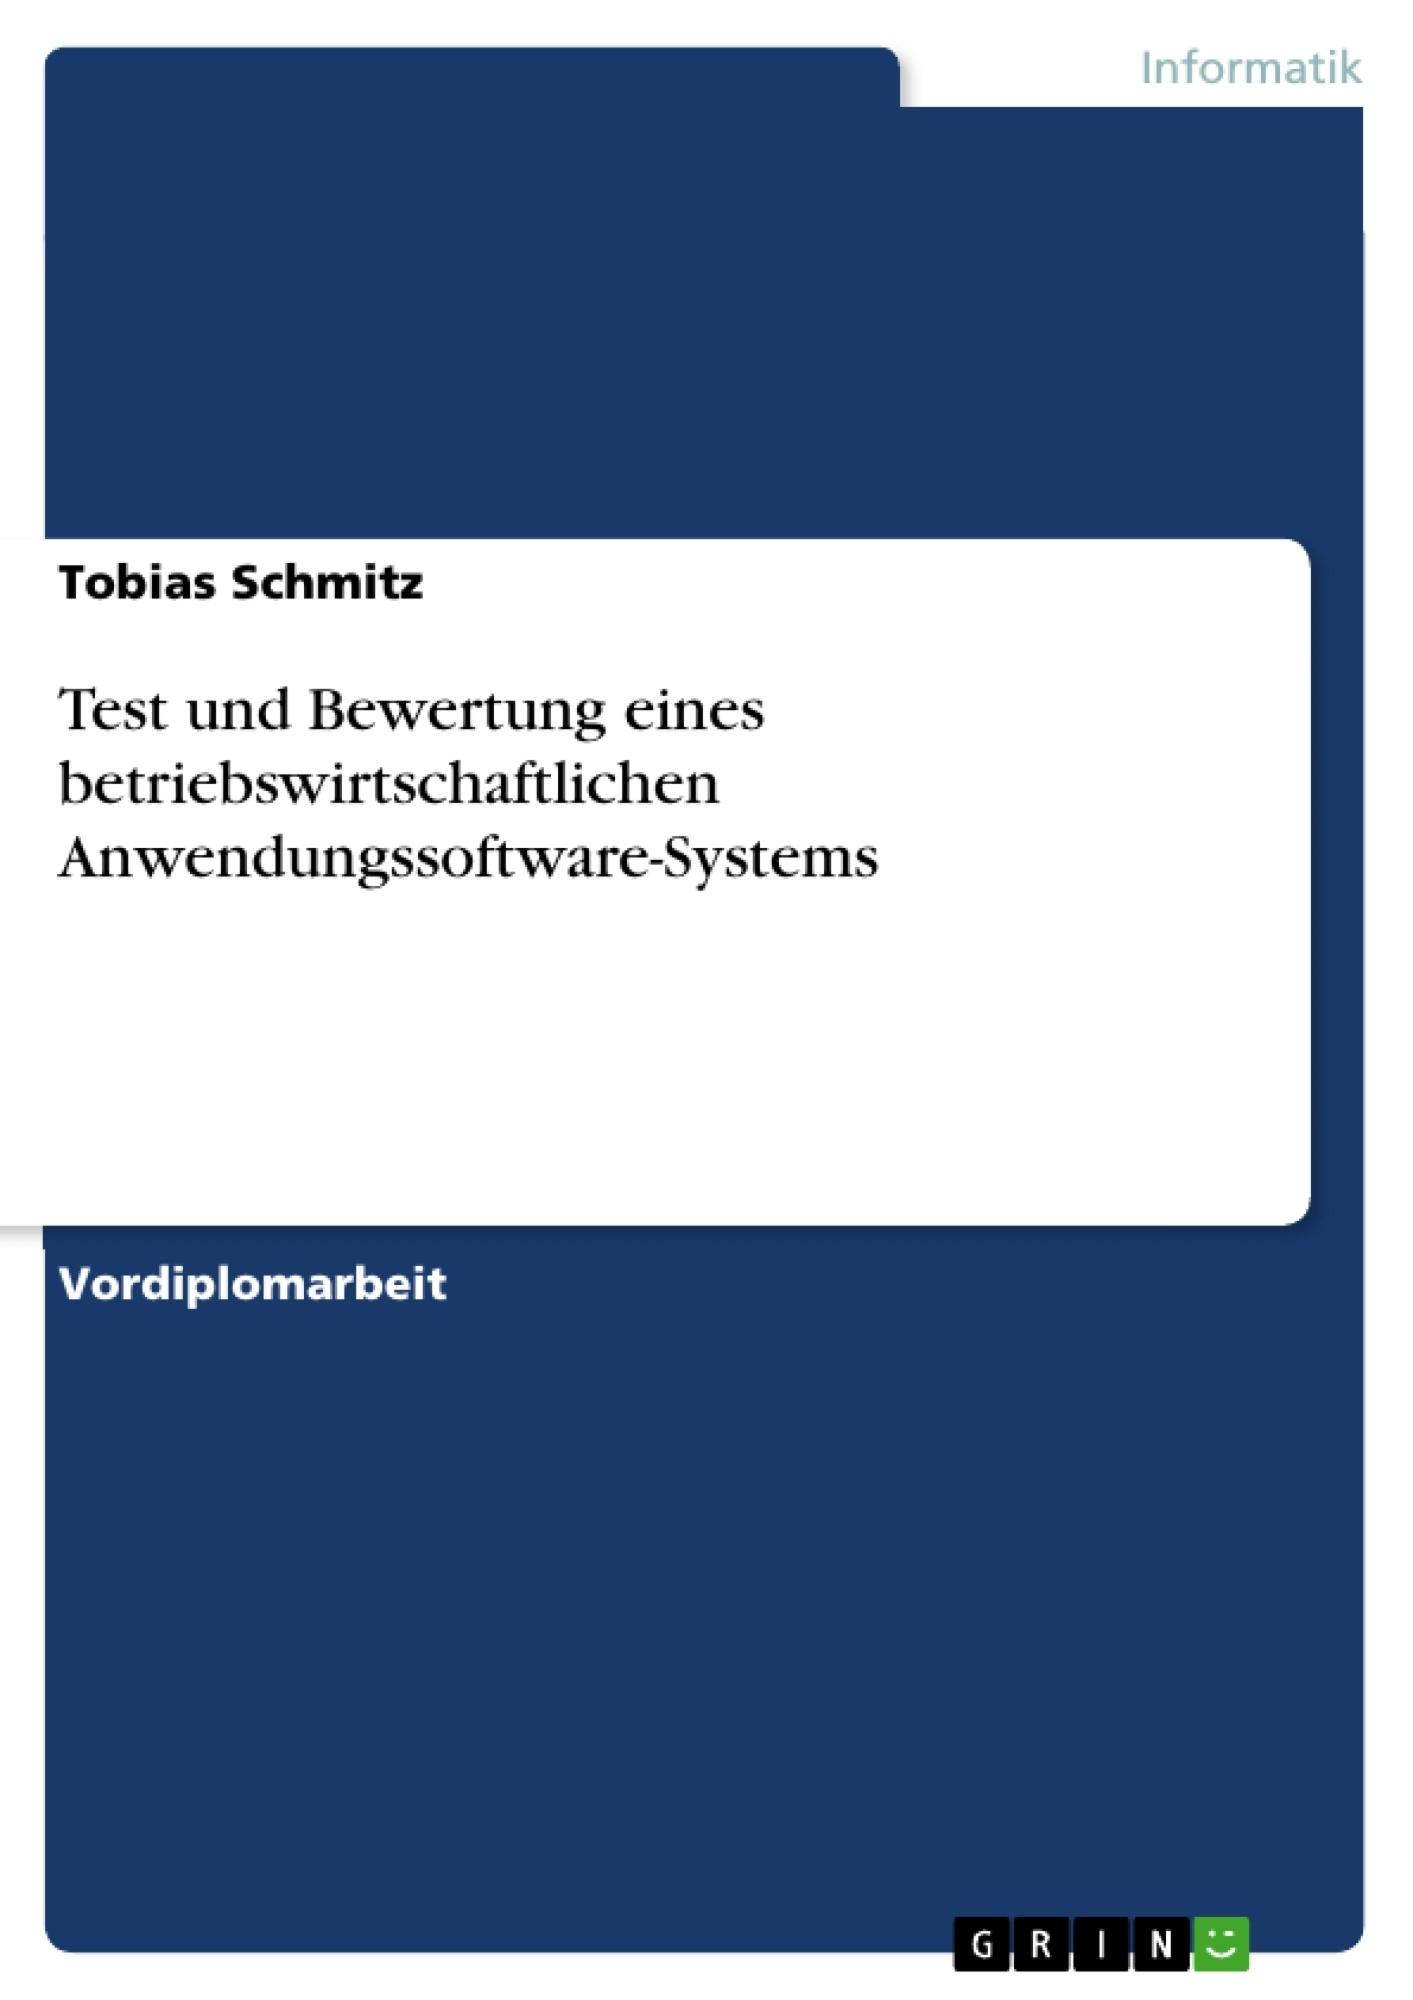 Titel: Test und Bewertung eines betriebswirtschaftlichen Anwendungssoftware-Systems